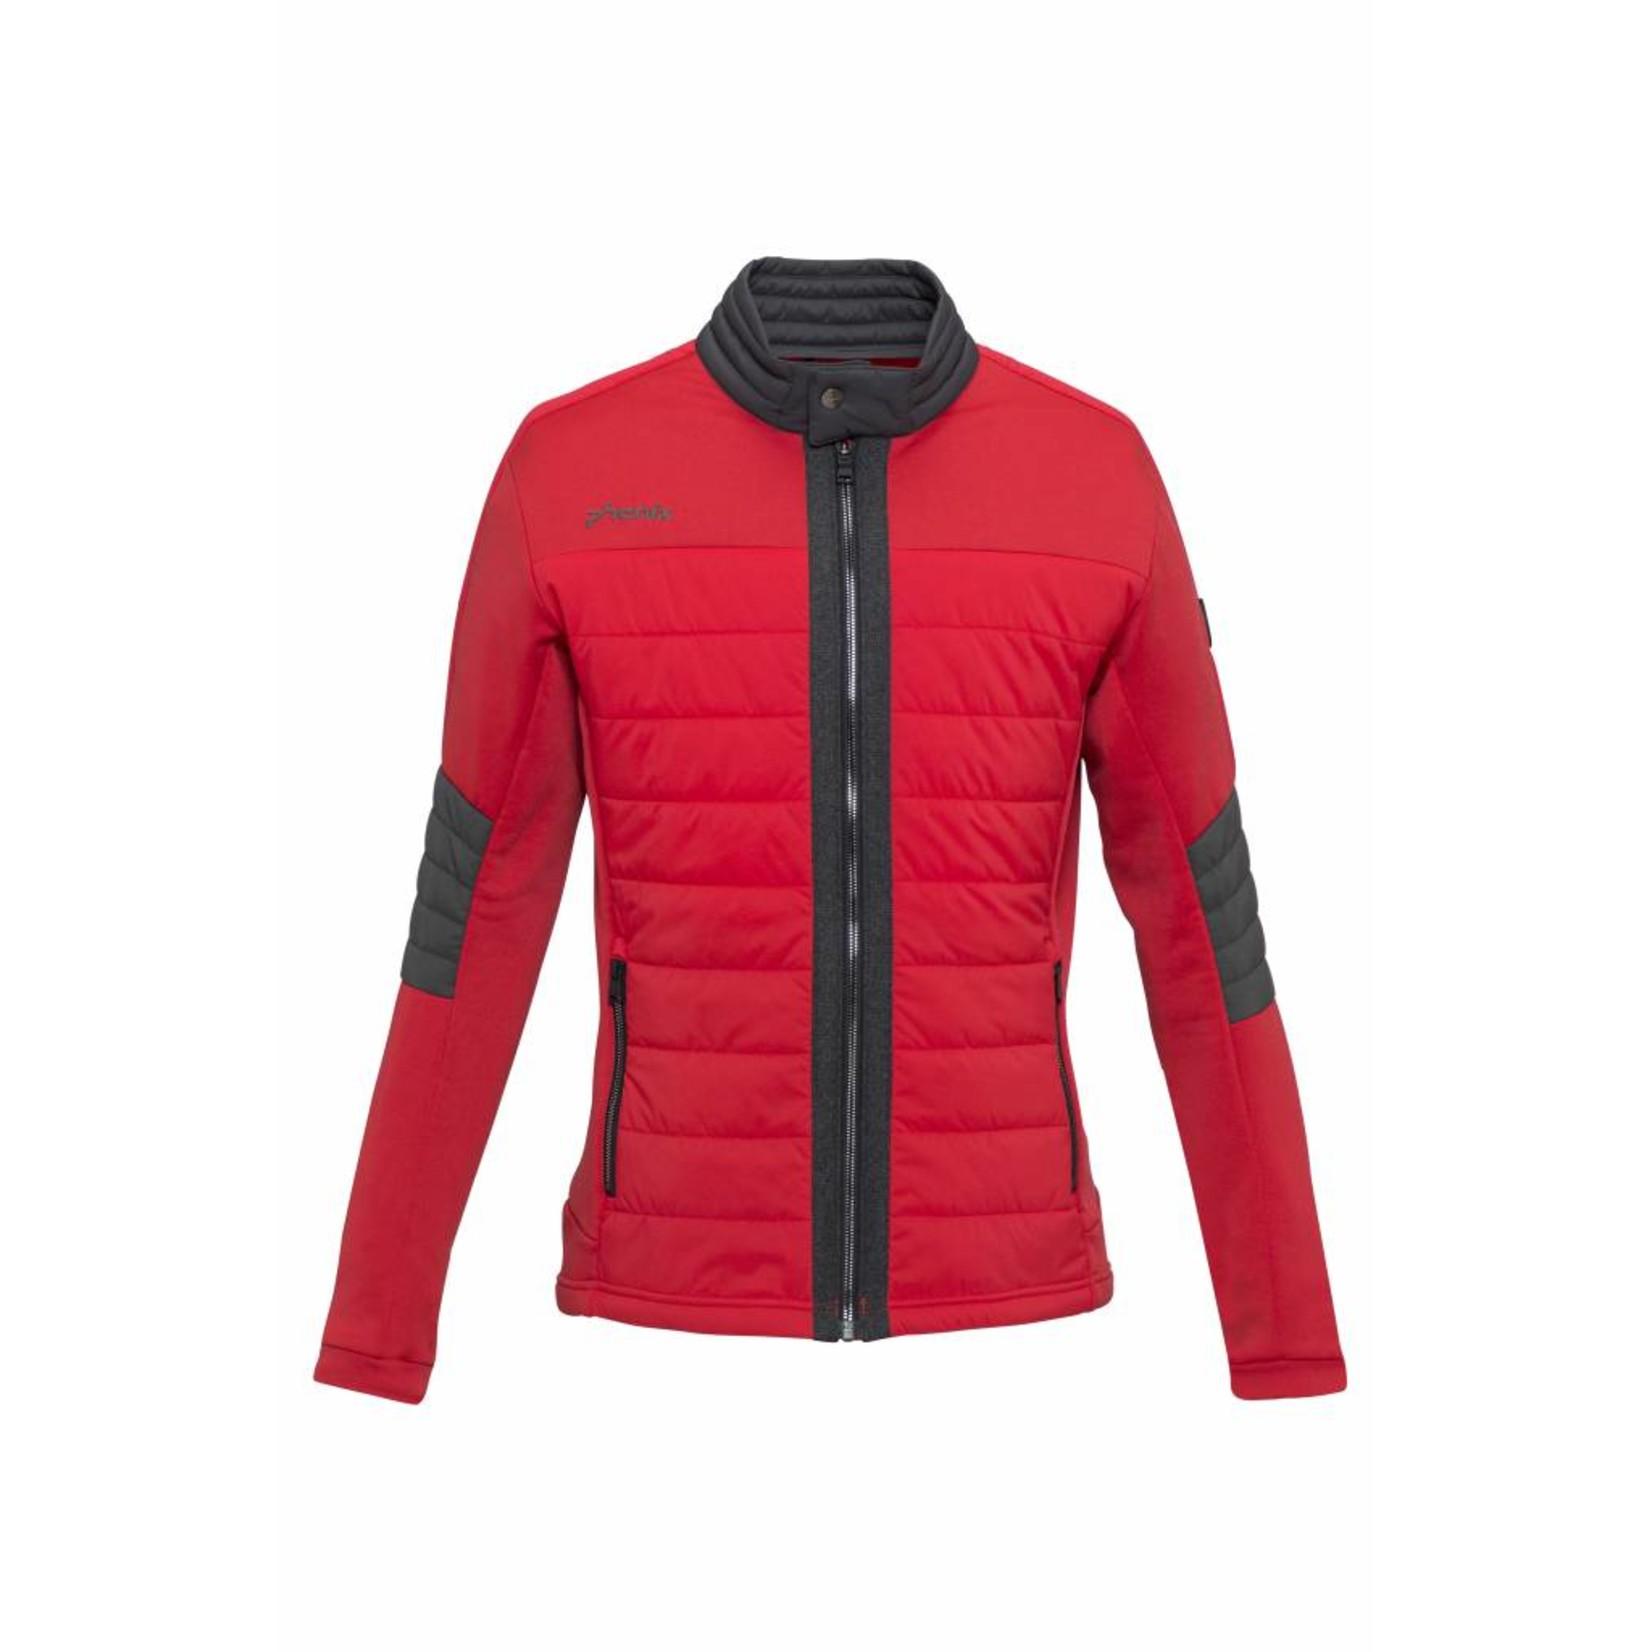 PHENIX Arosa Middle Jacket